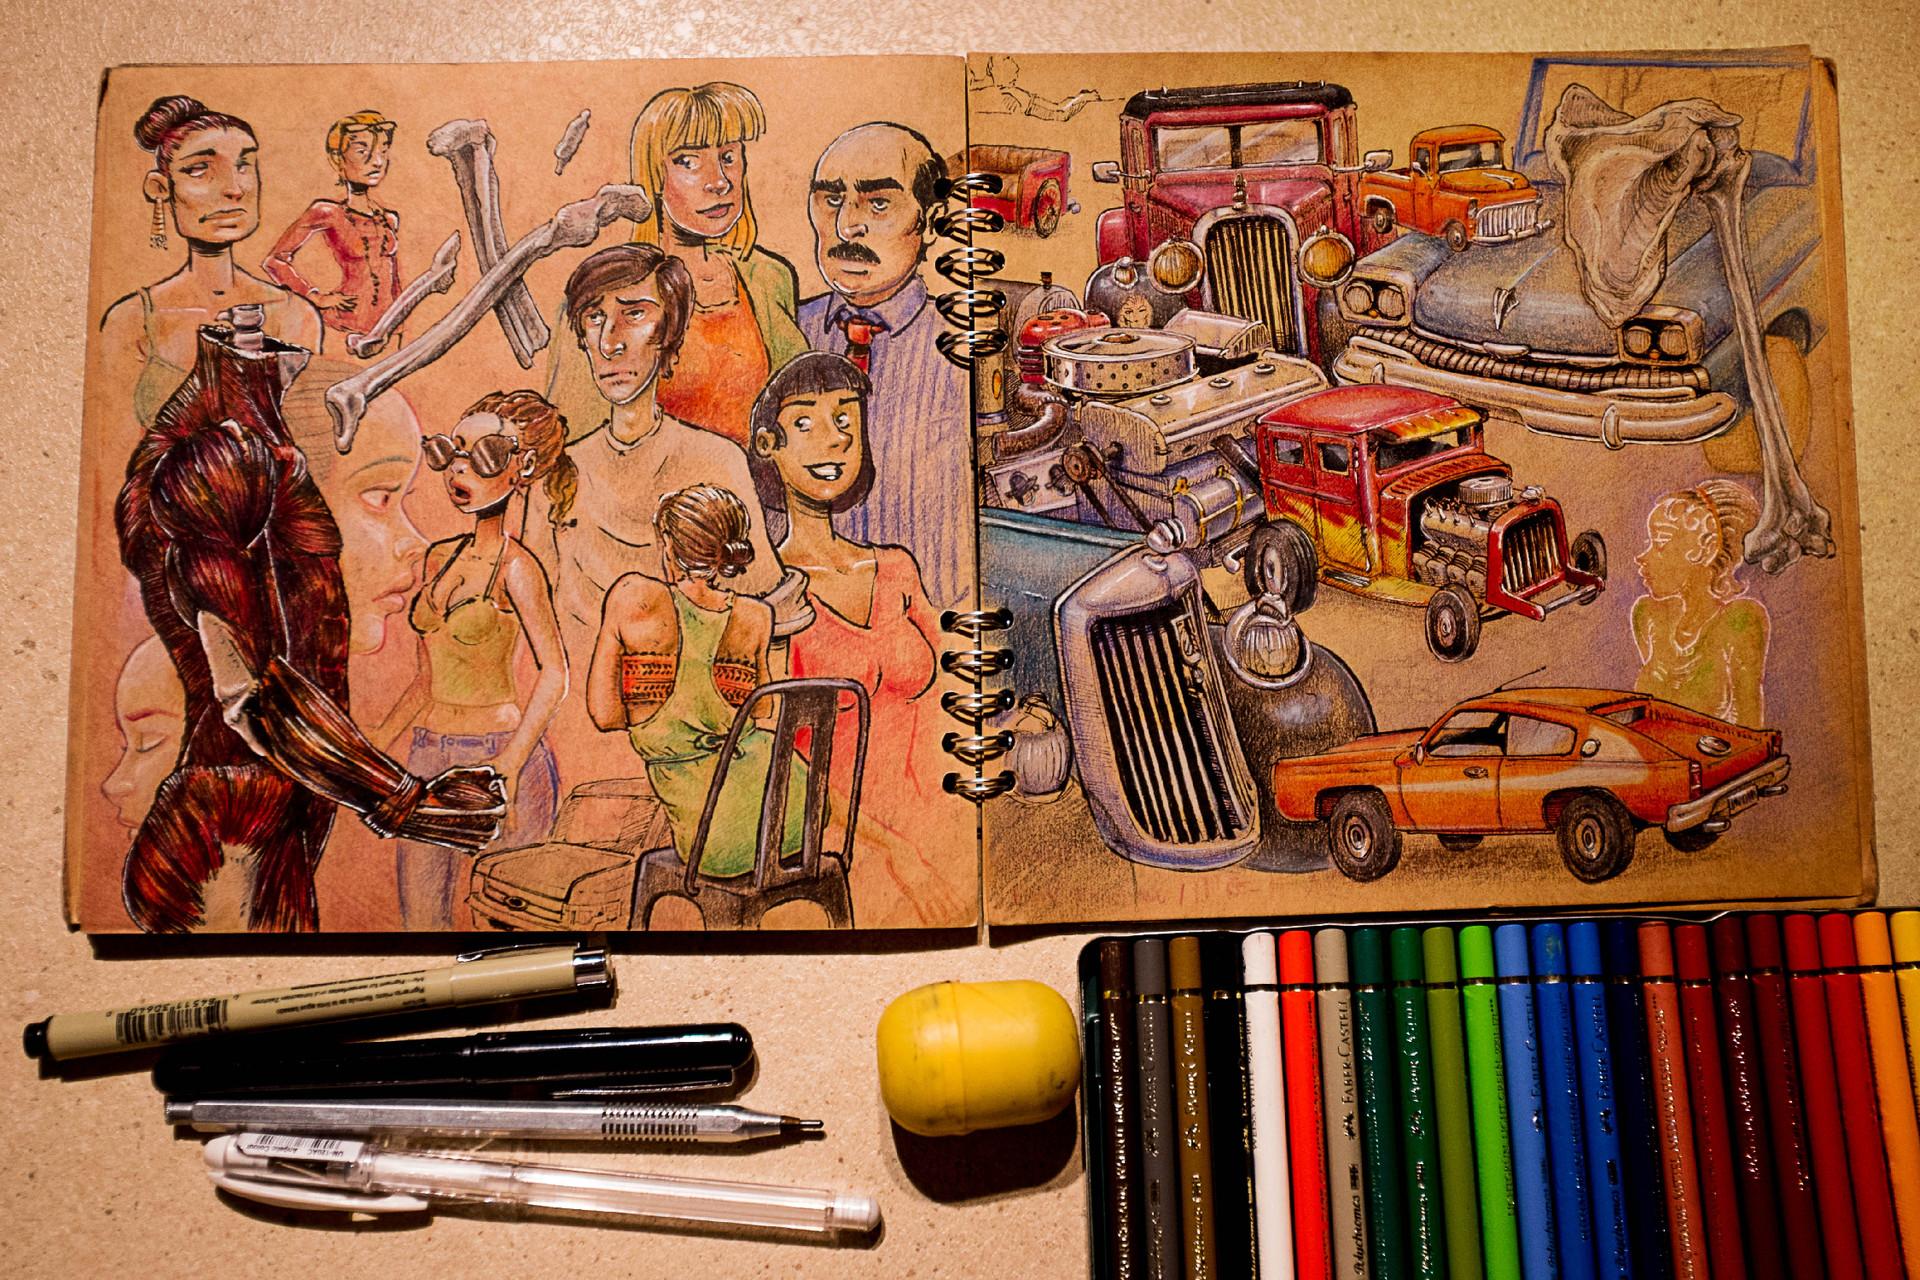 Vincent derozier vincent derozier drawings 6